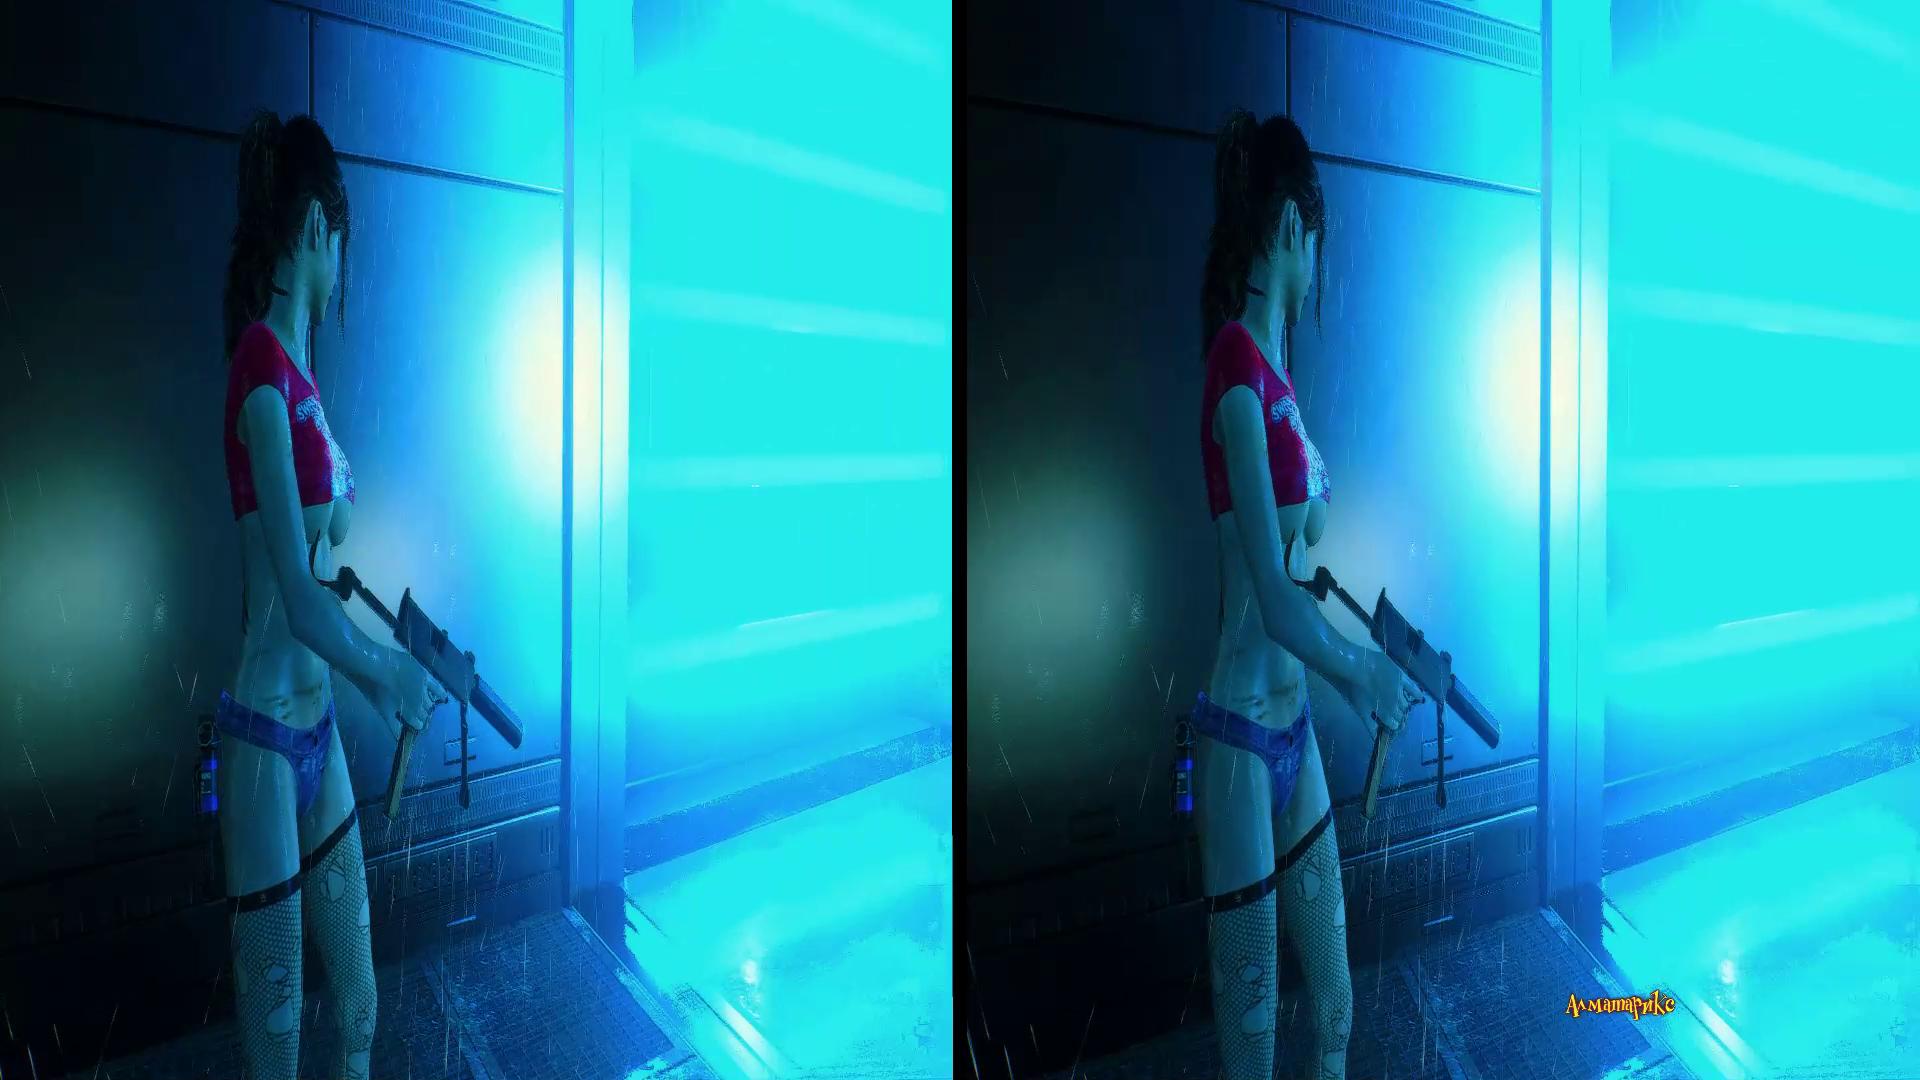 мною была проделана неделя работы, два дня настройки эксперементов и танцов с бубнами для достижения 3д эффекта, была пройдена и записана игра общим объёмом более 22 гигов рабочего материала, сегодняшний день прошёл за многократным нажатием на кнопки по с - Resident Evil 2